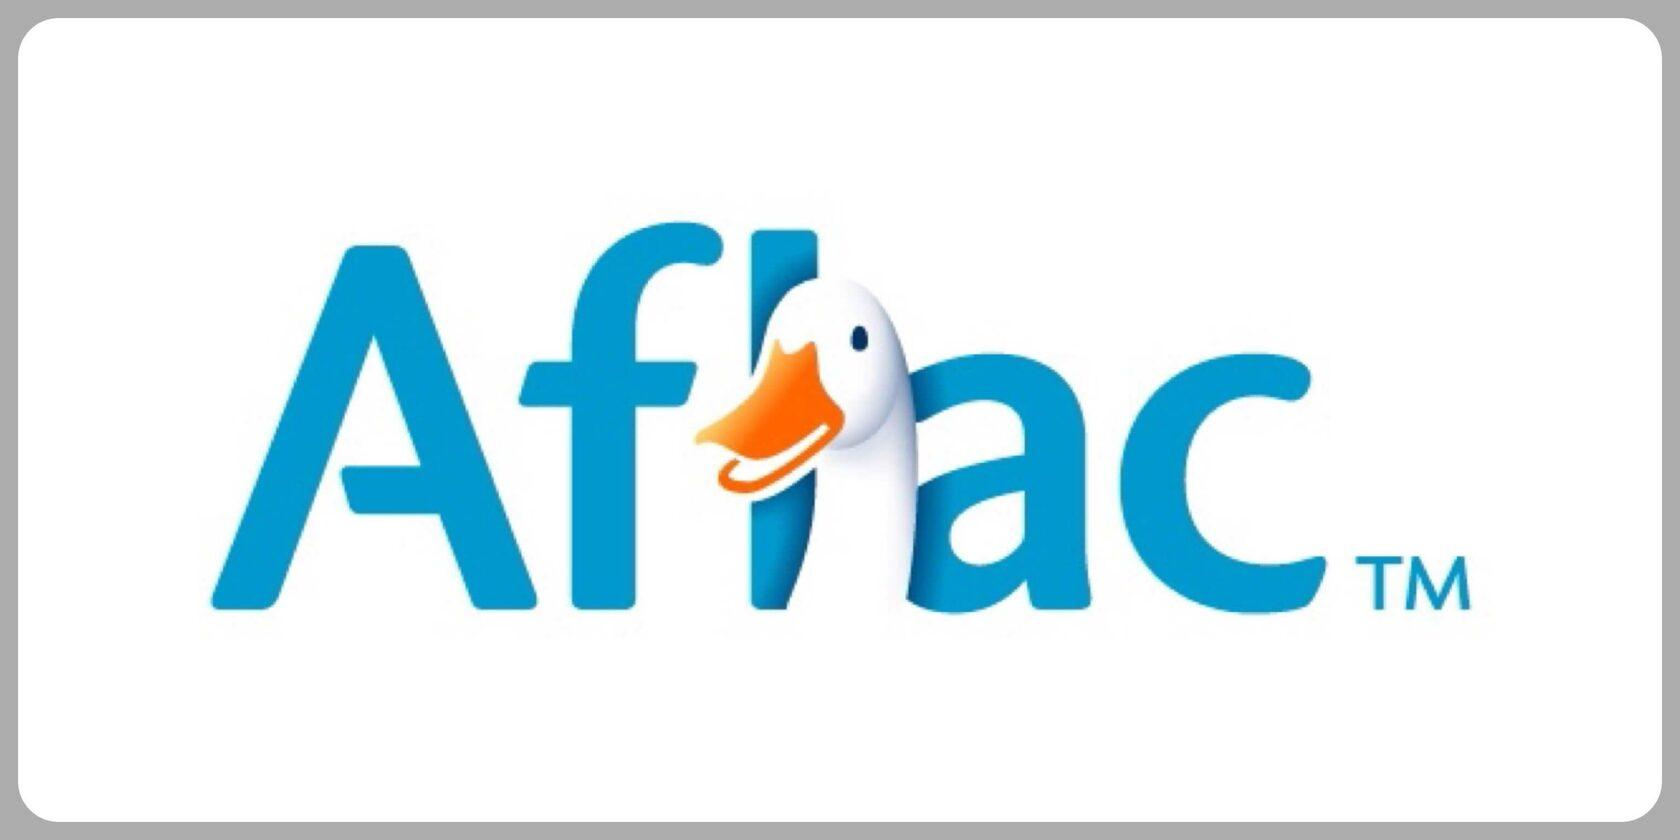 партнерство с Aflac Inc.